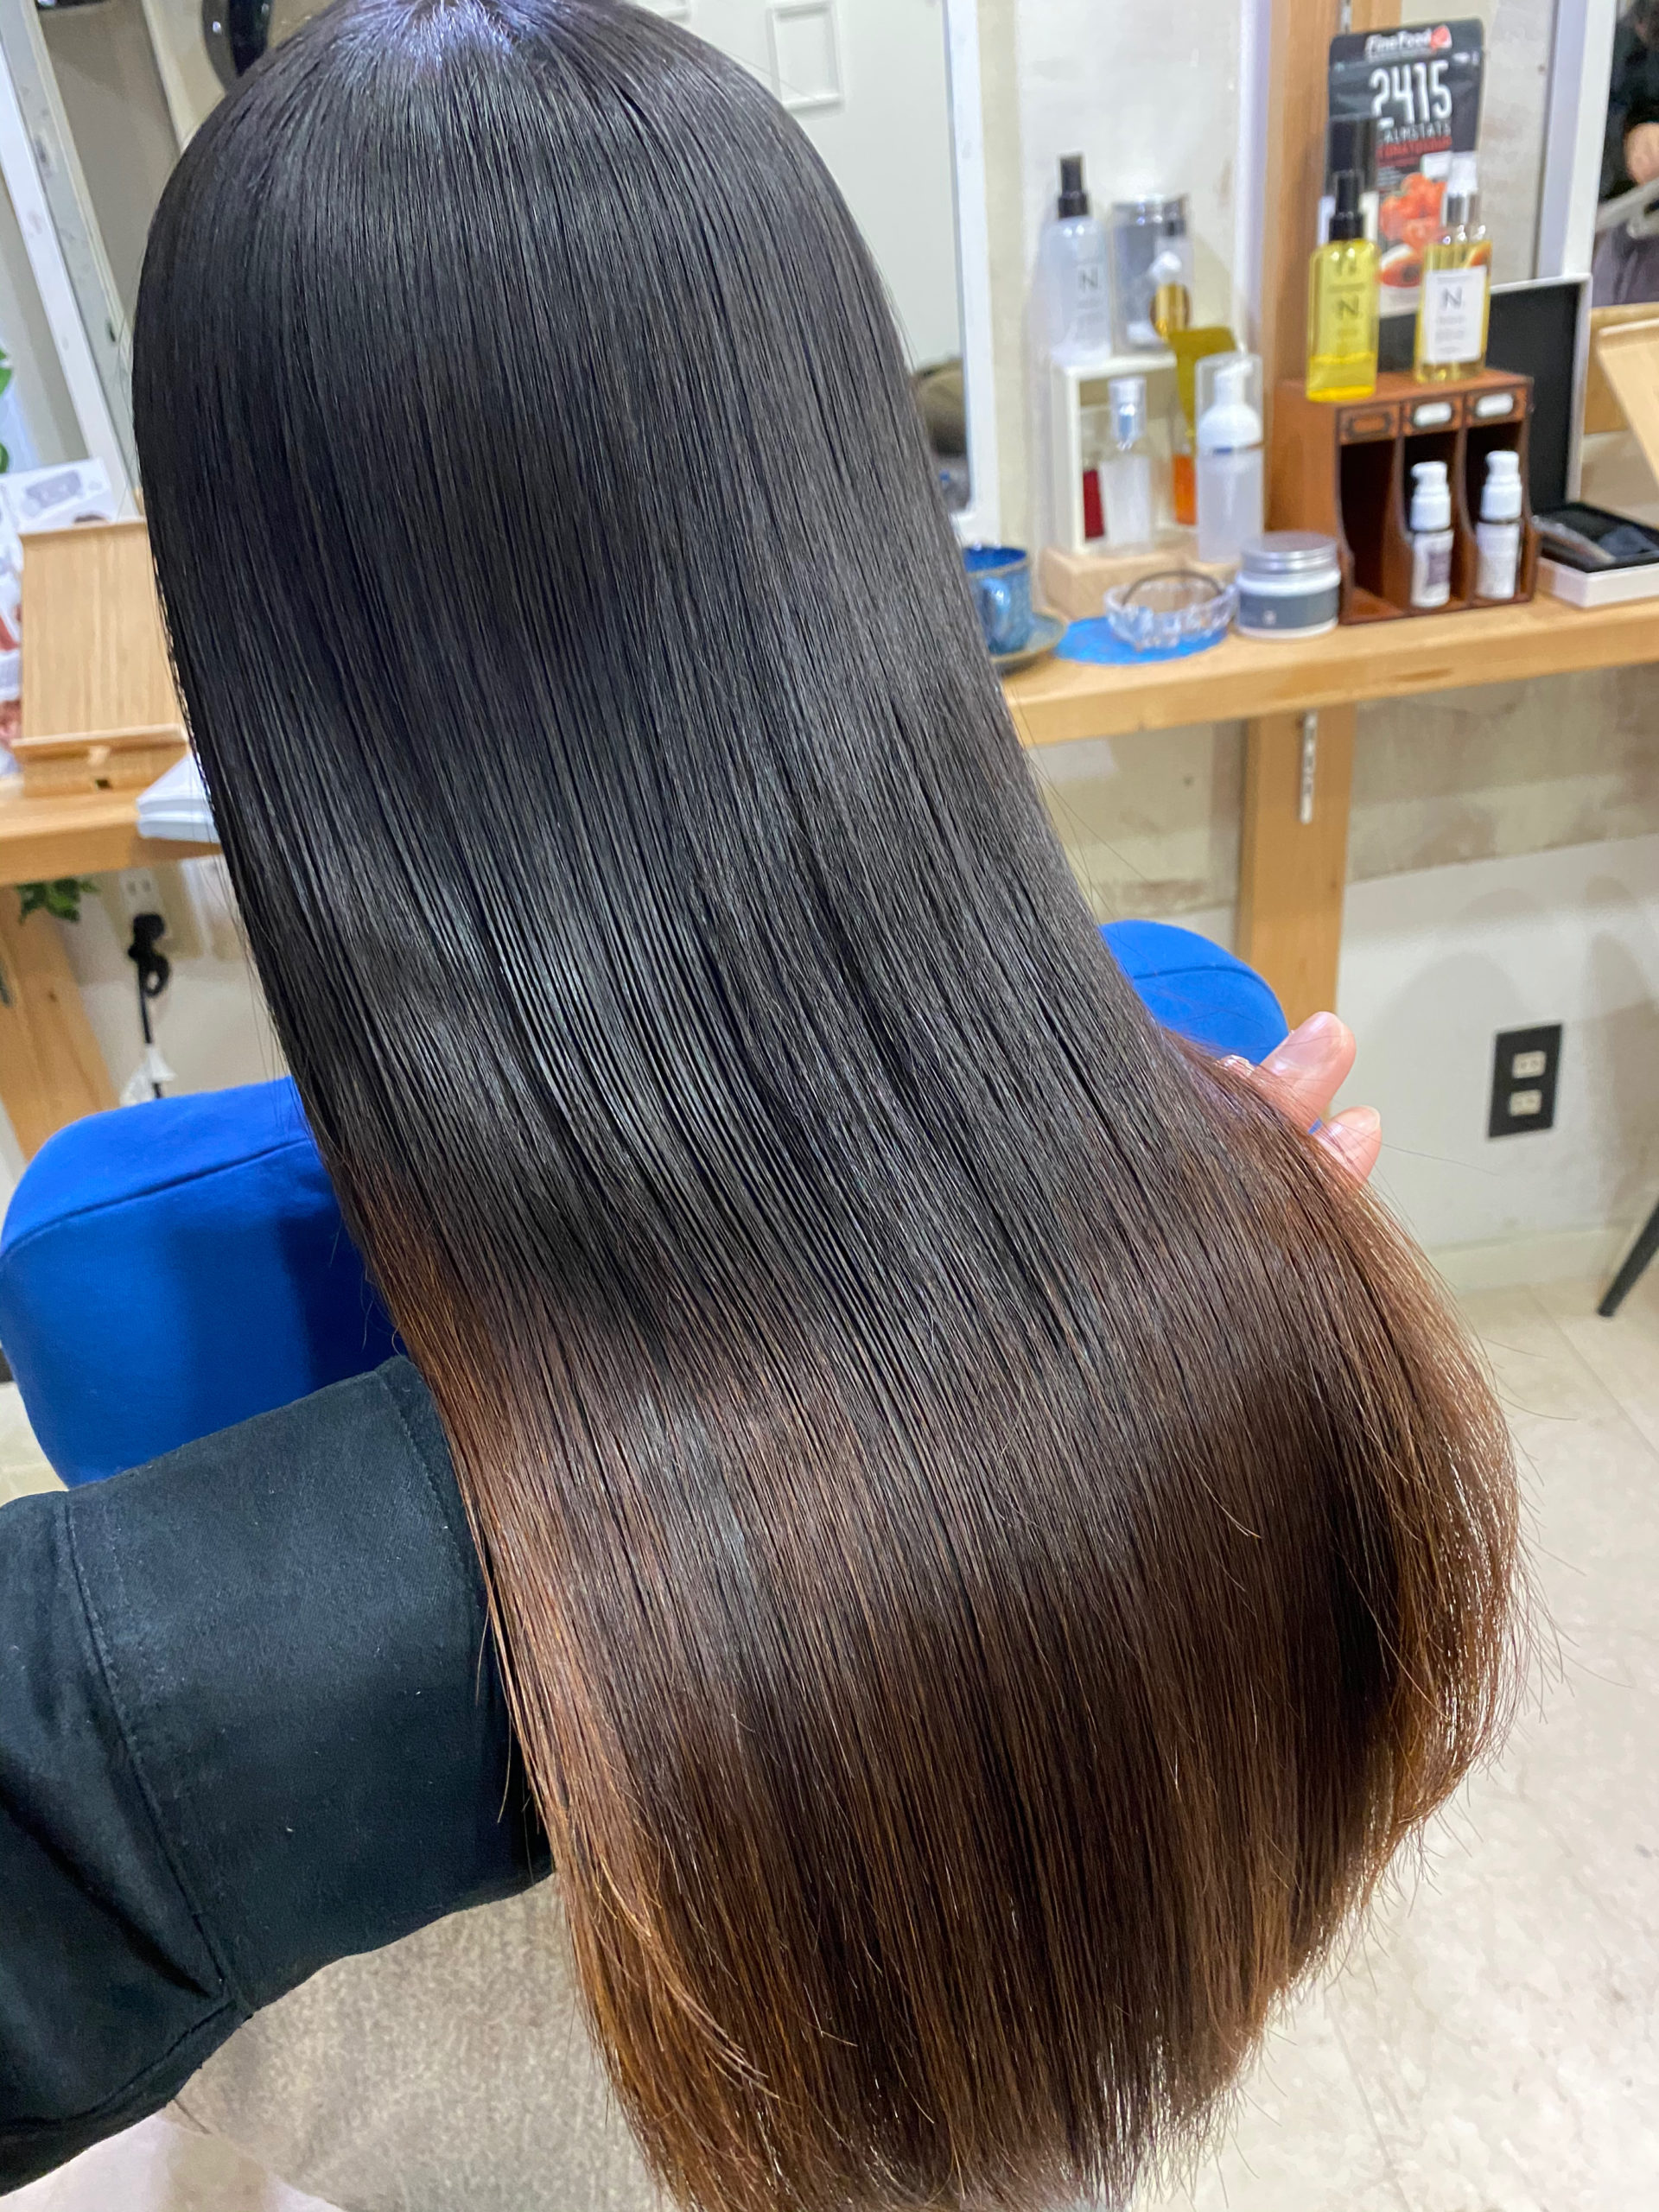 ジュエリーシステムシリーズ×縮毛矯正でつやっつやの艶髪。原宿・表参道『髪のお悩みを解決するヘアケア美容師の挑戦』